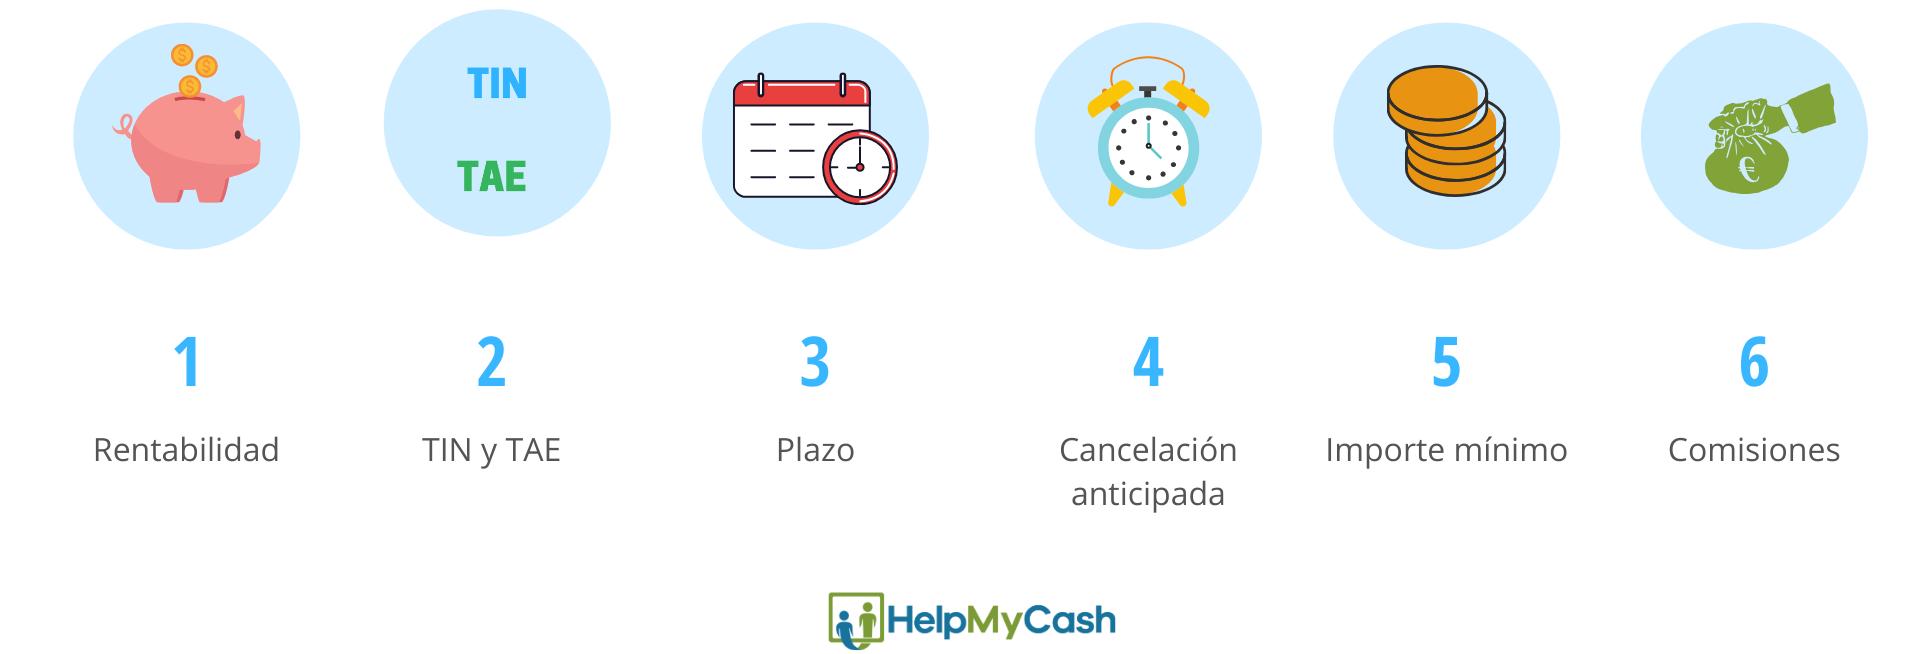 claves para invertir sin riesgo en un depósito bancario: 1-Rentabilidad. 2-TIN y TAE. 3-Plazo. 4-Cancelación anticipada. 5- Importe mínimo. 6- comisiones